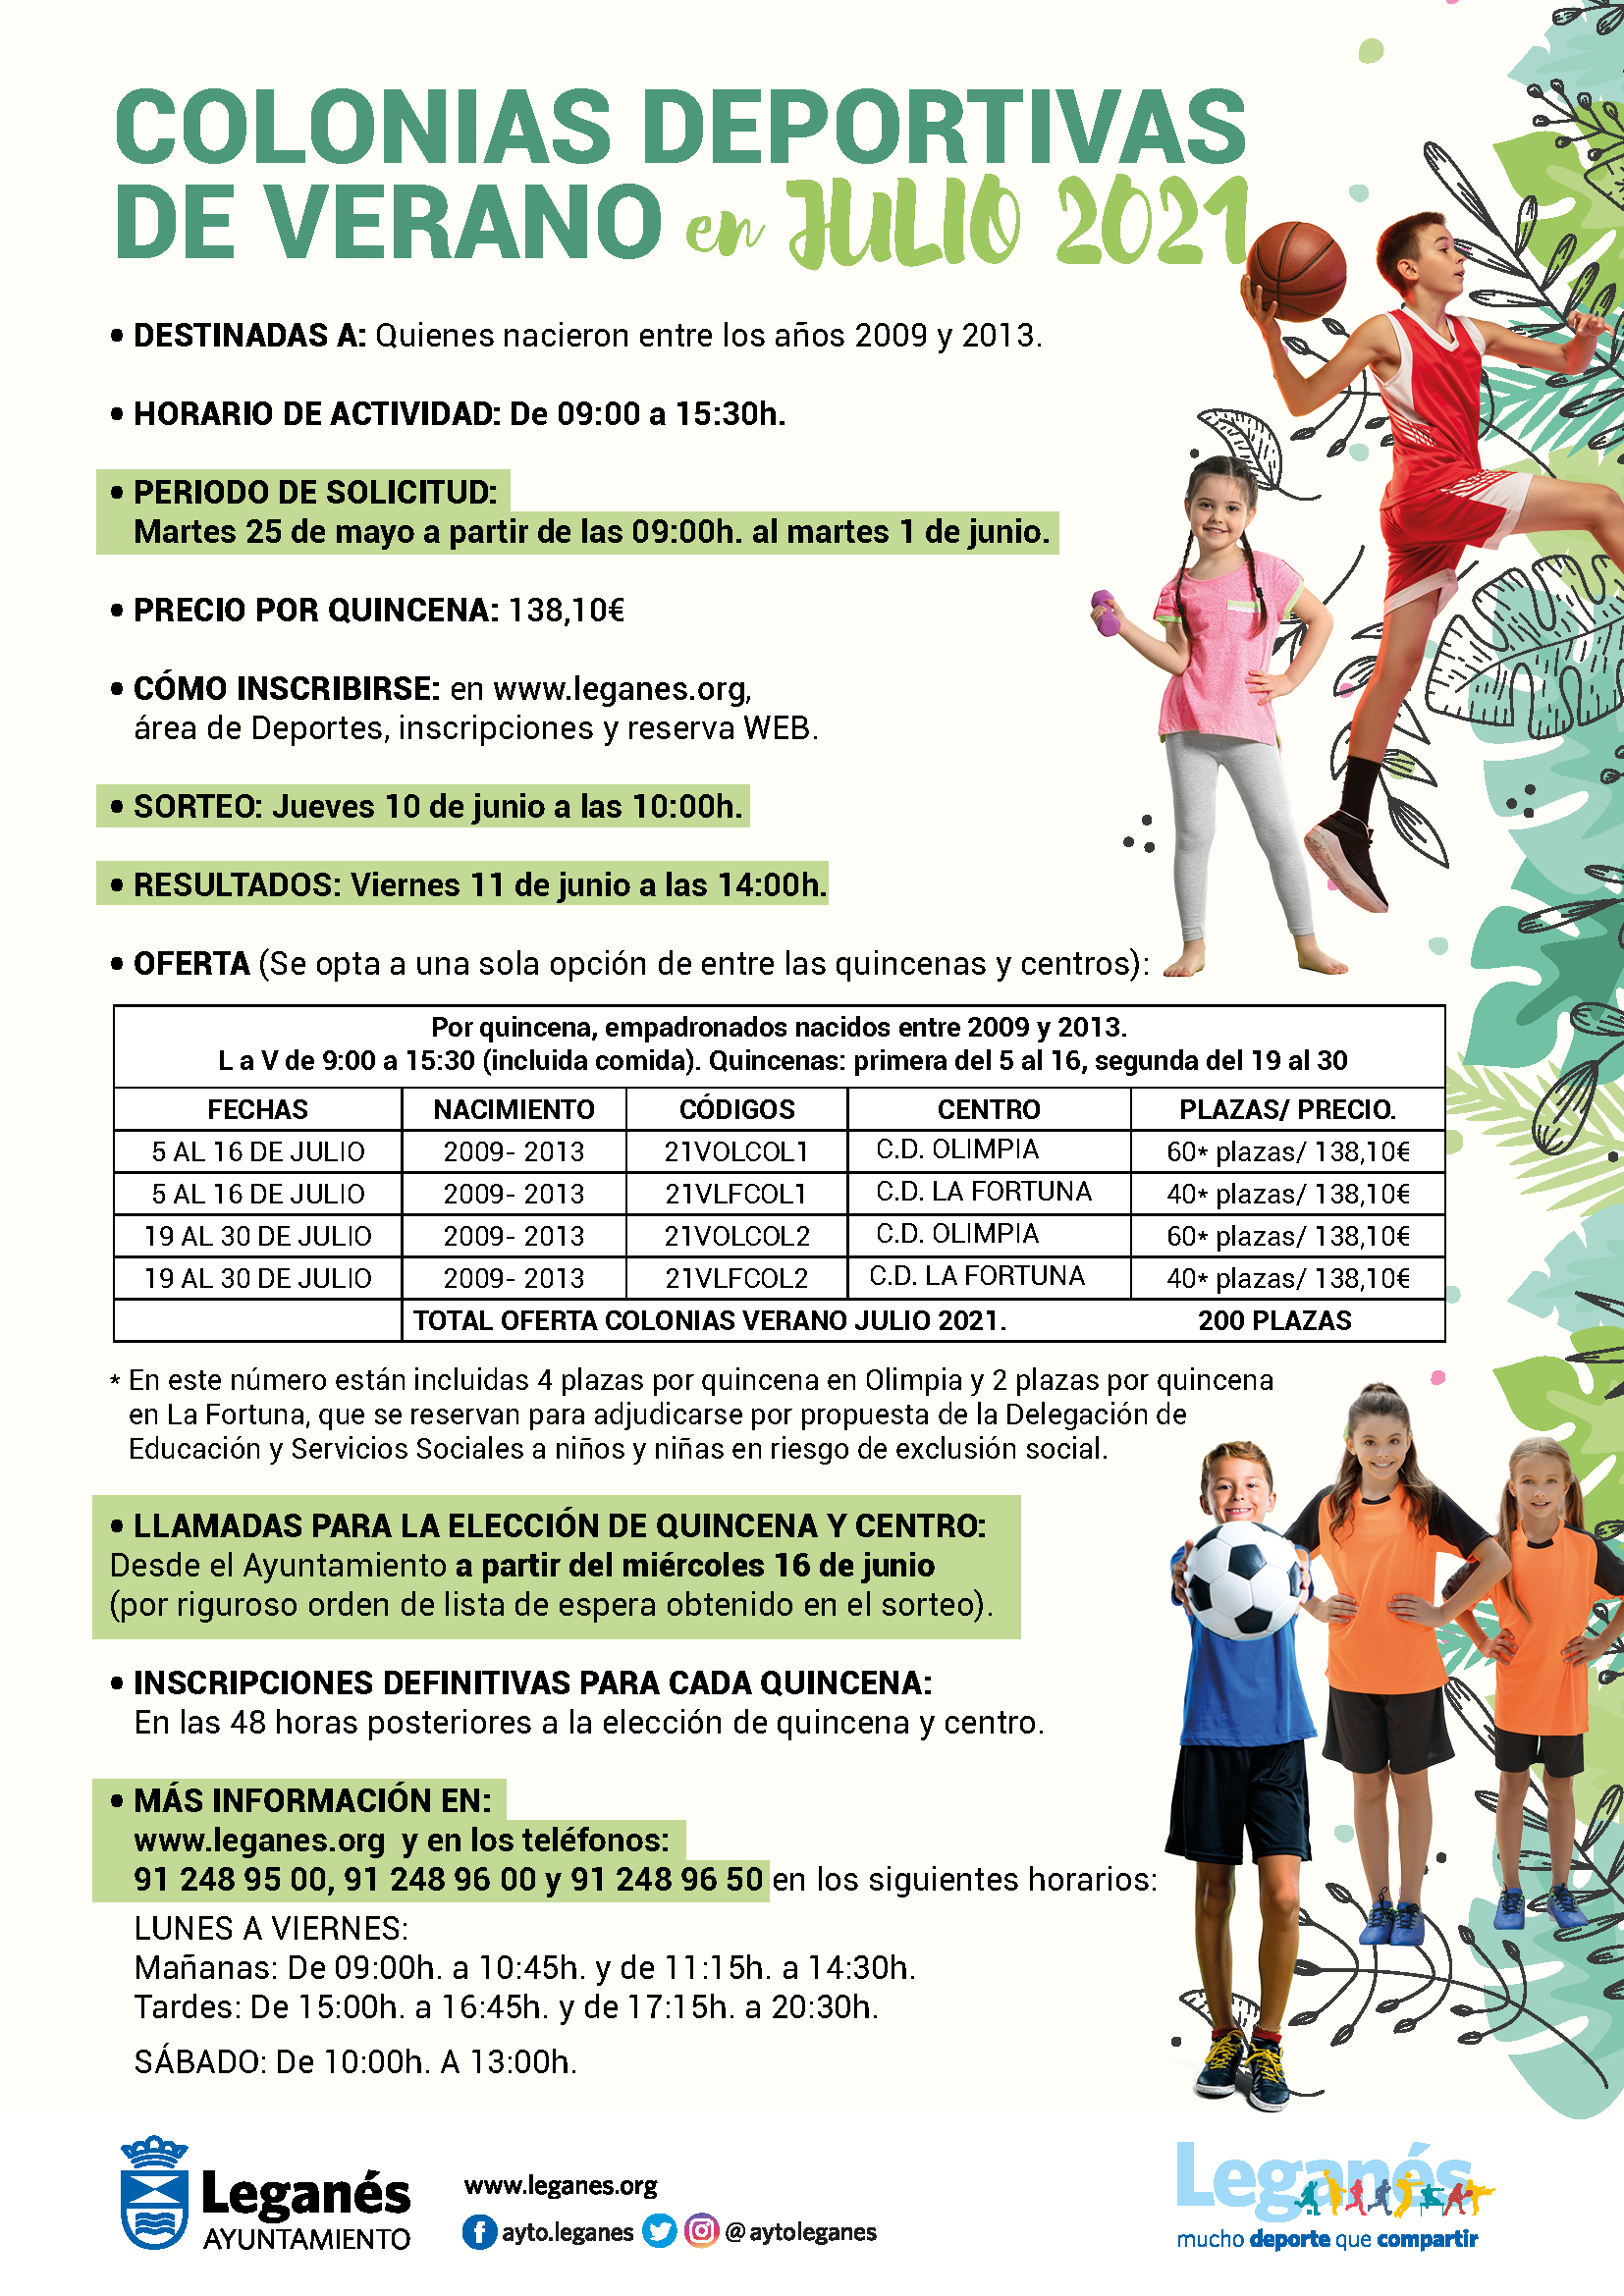 colonias-deportivas-de-verano - OCIOENLEGANES